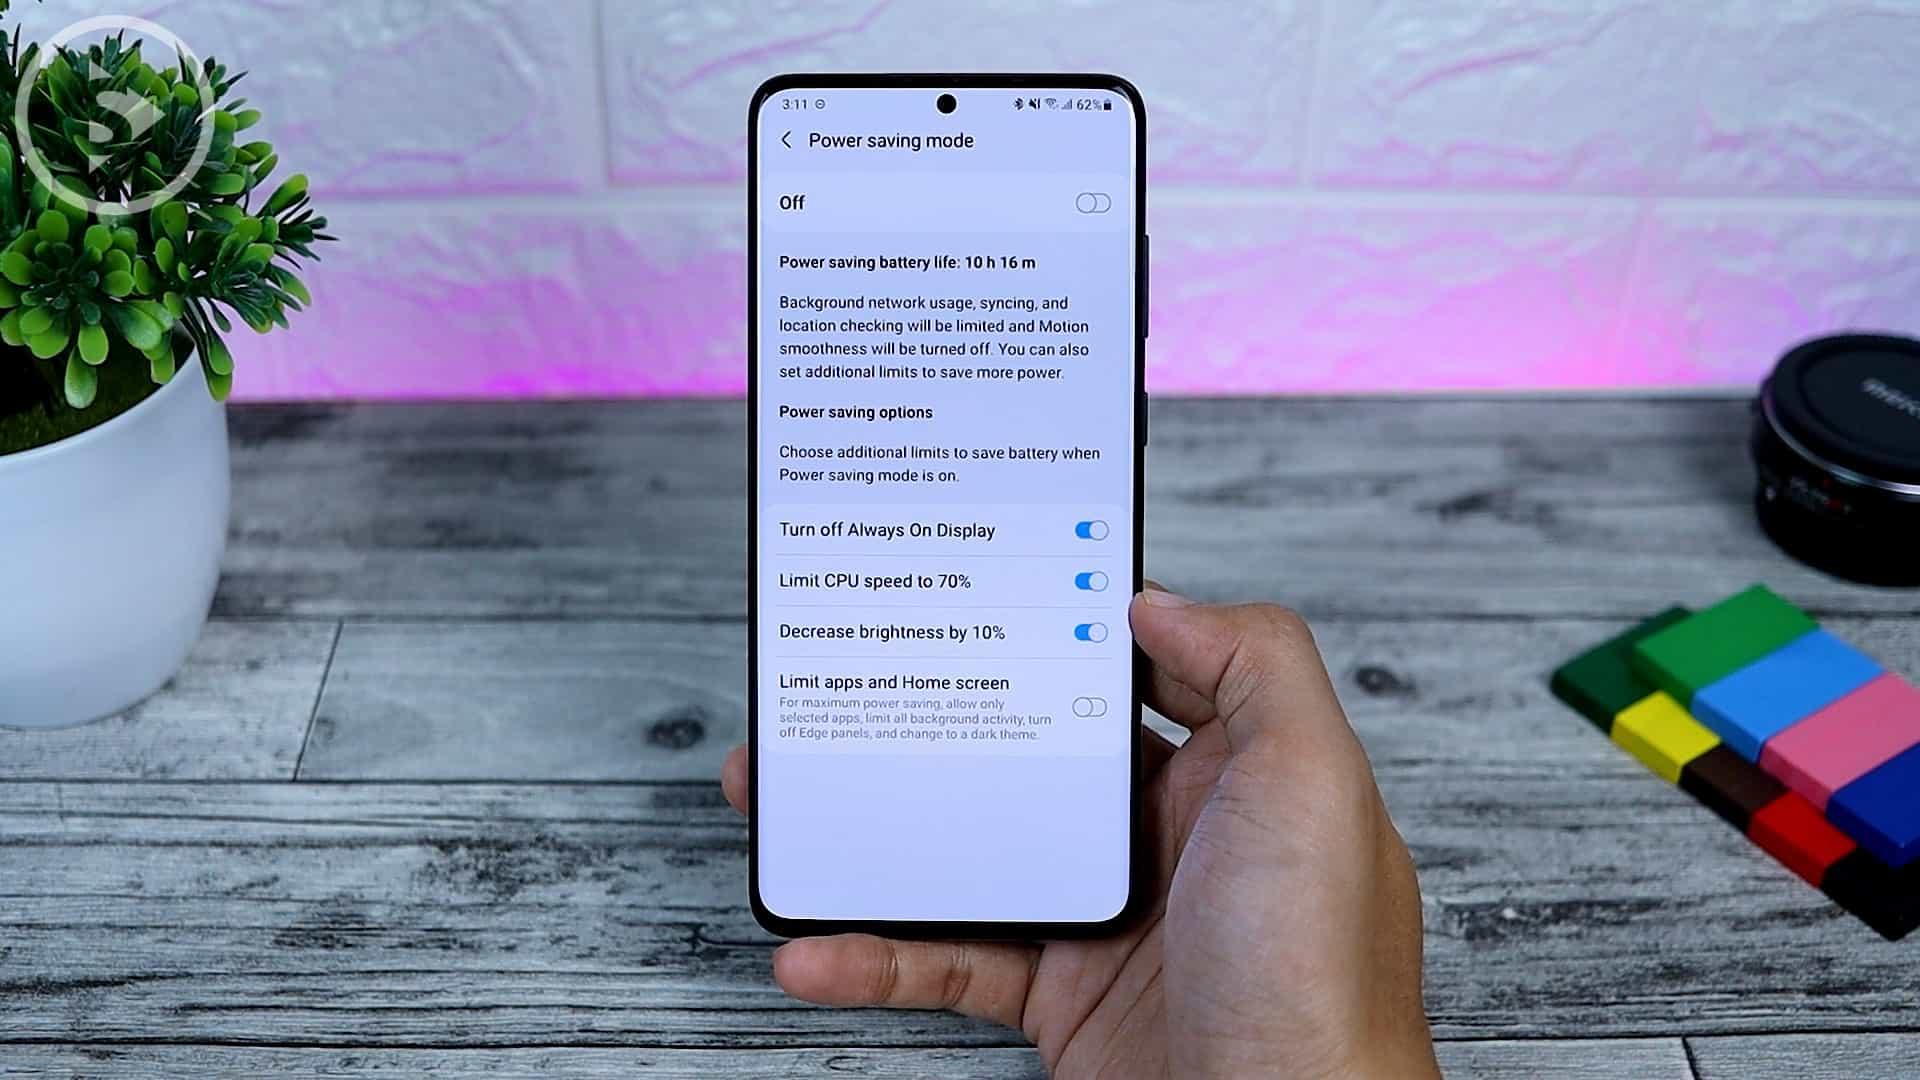 25 Fitur Baru di One UI 3.0 Dengan Android 11 - New High Performance Mode Name